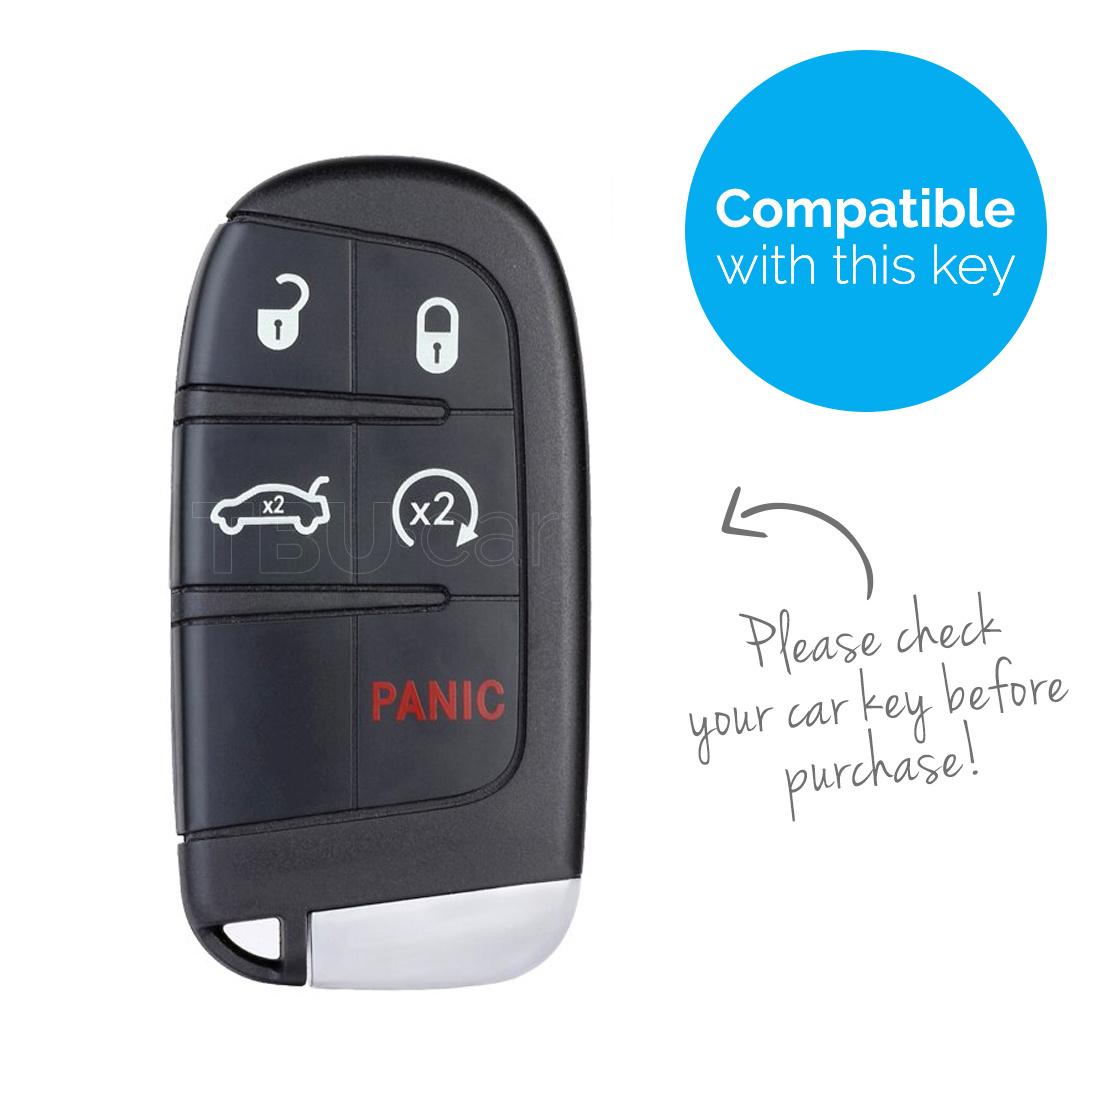 TBU car TBU car Sleutel cover compatibel met Jeep - Silicone sleutelhoesje - beschermhoesje autosleutel - Glow in the Dark